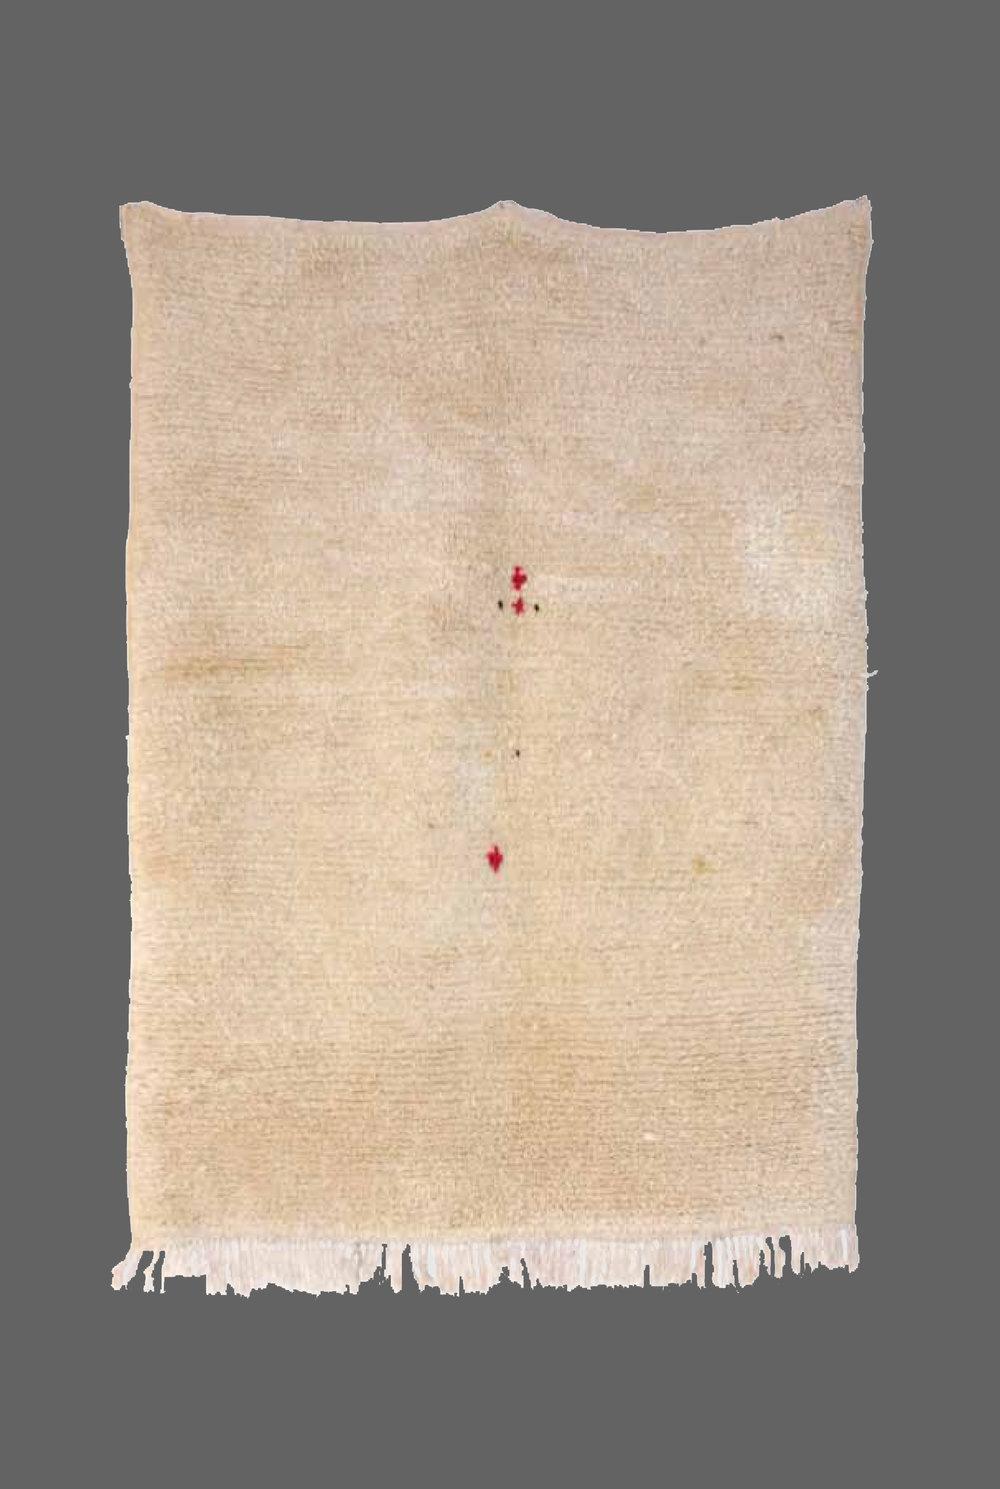 Ethnie : Azilal    Origine : Maroc    Année : 1990    Dimensions : 2,58 x 1,24    Technique : noué , très serré    Description : Petit tapis tout en finesse, azilal, très belle qualité de laine,    Référence : AZL 001    Prix : 900€